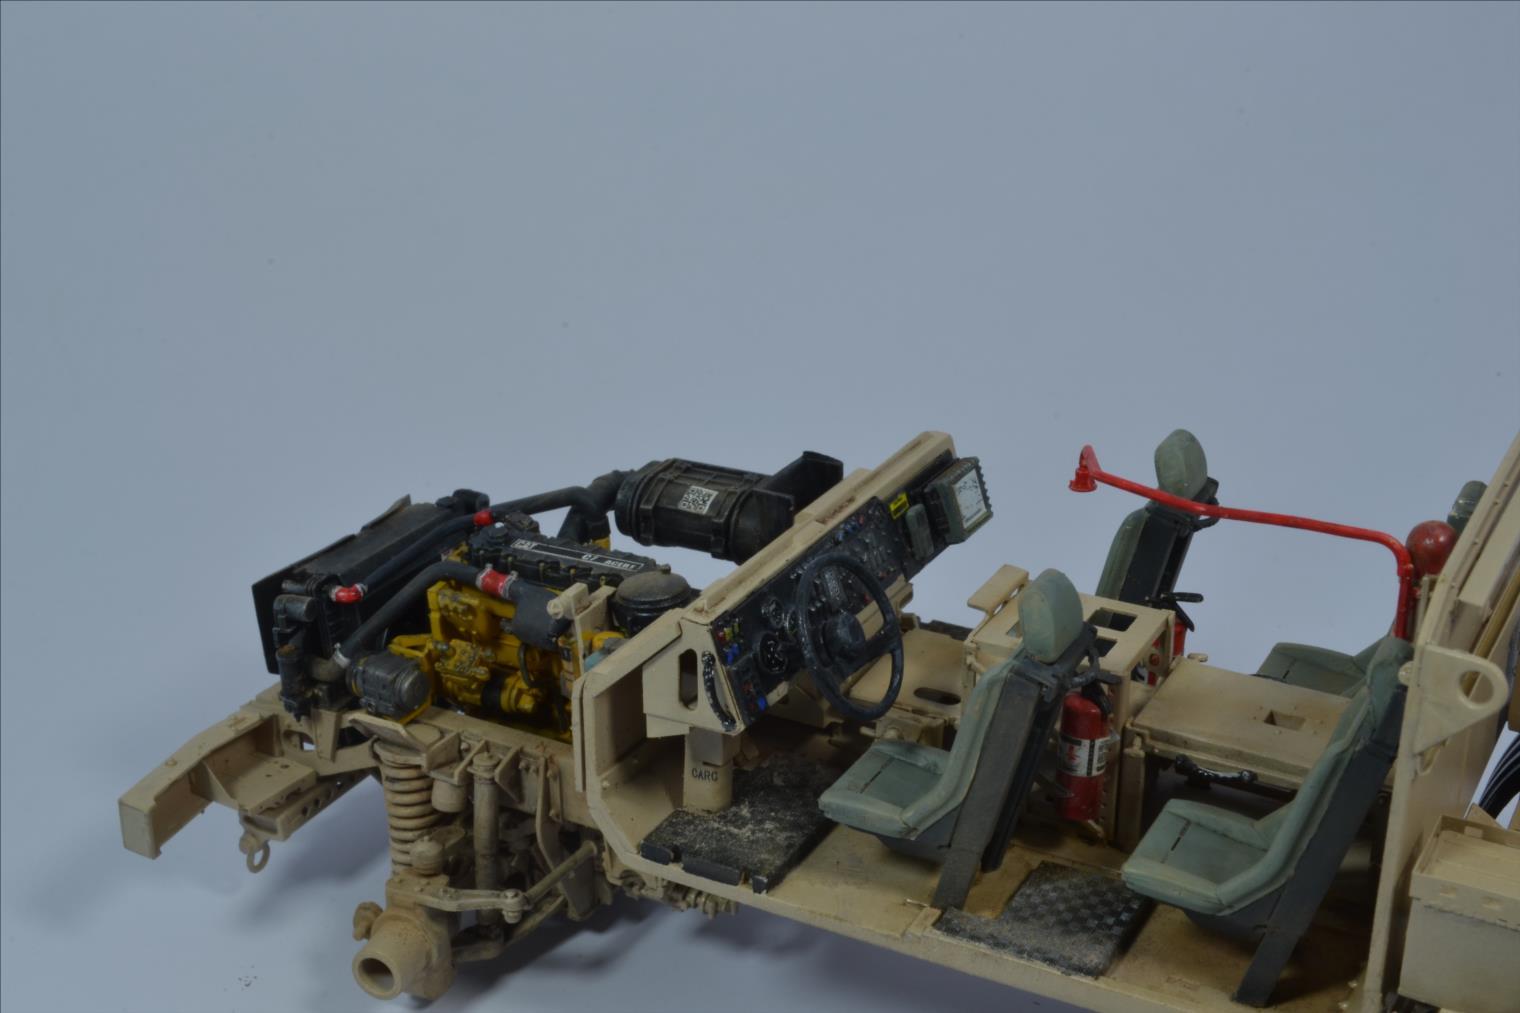 M 1240 A1 M-ATV 1/35 (RFM) - Page 2 20101407564622494217082154